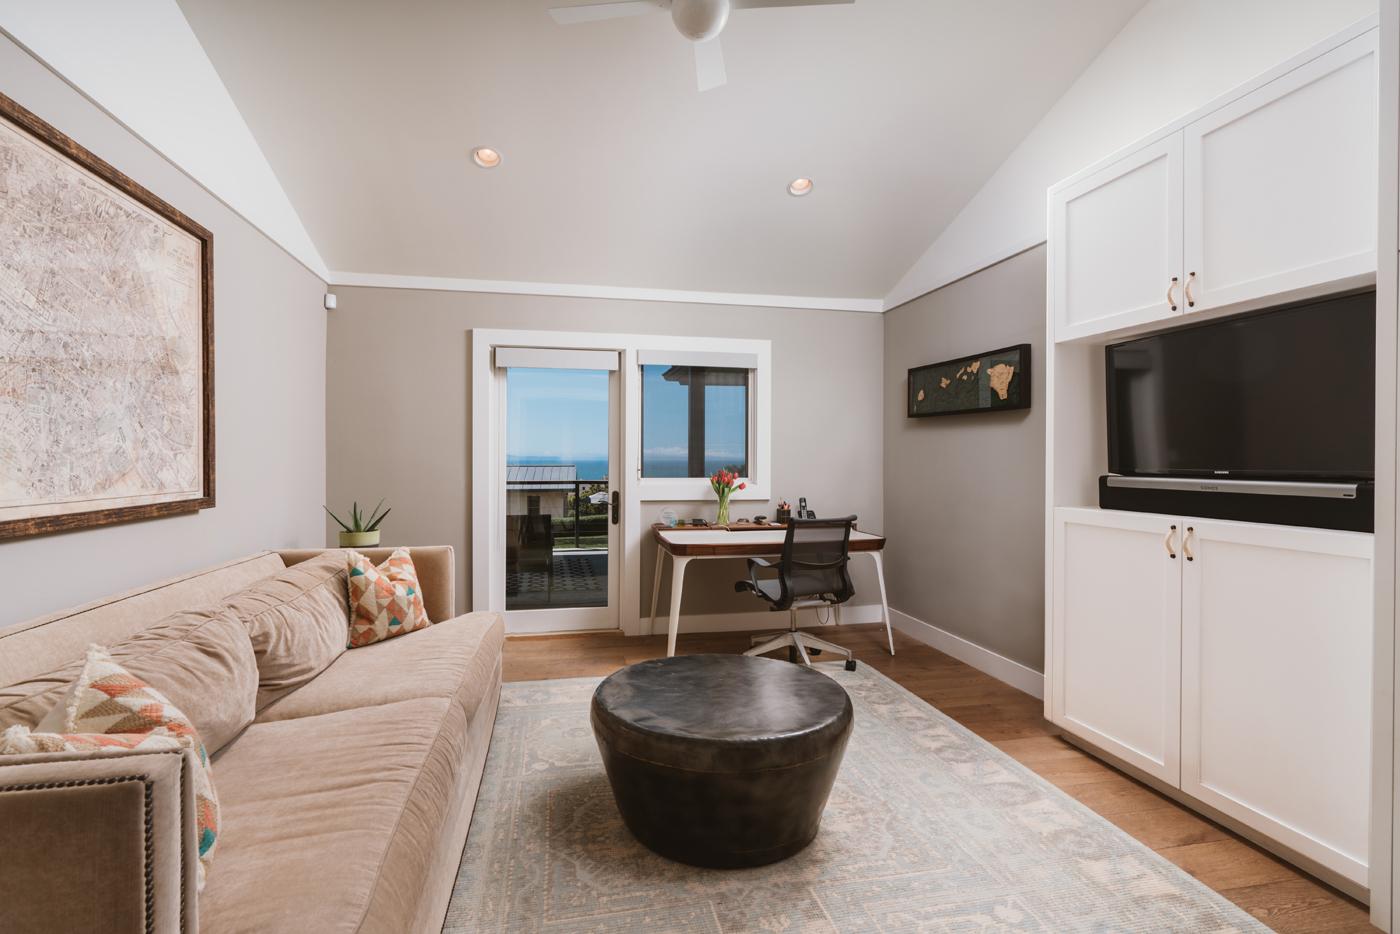 Property for Sale: 4163 Marina Drive Road, Hope Ranch CA 4 Beds 3 baths Mira del Mar